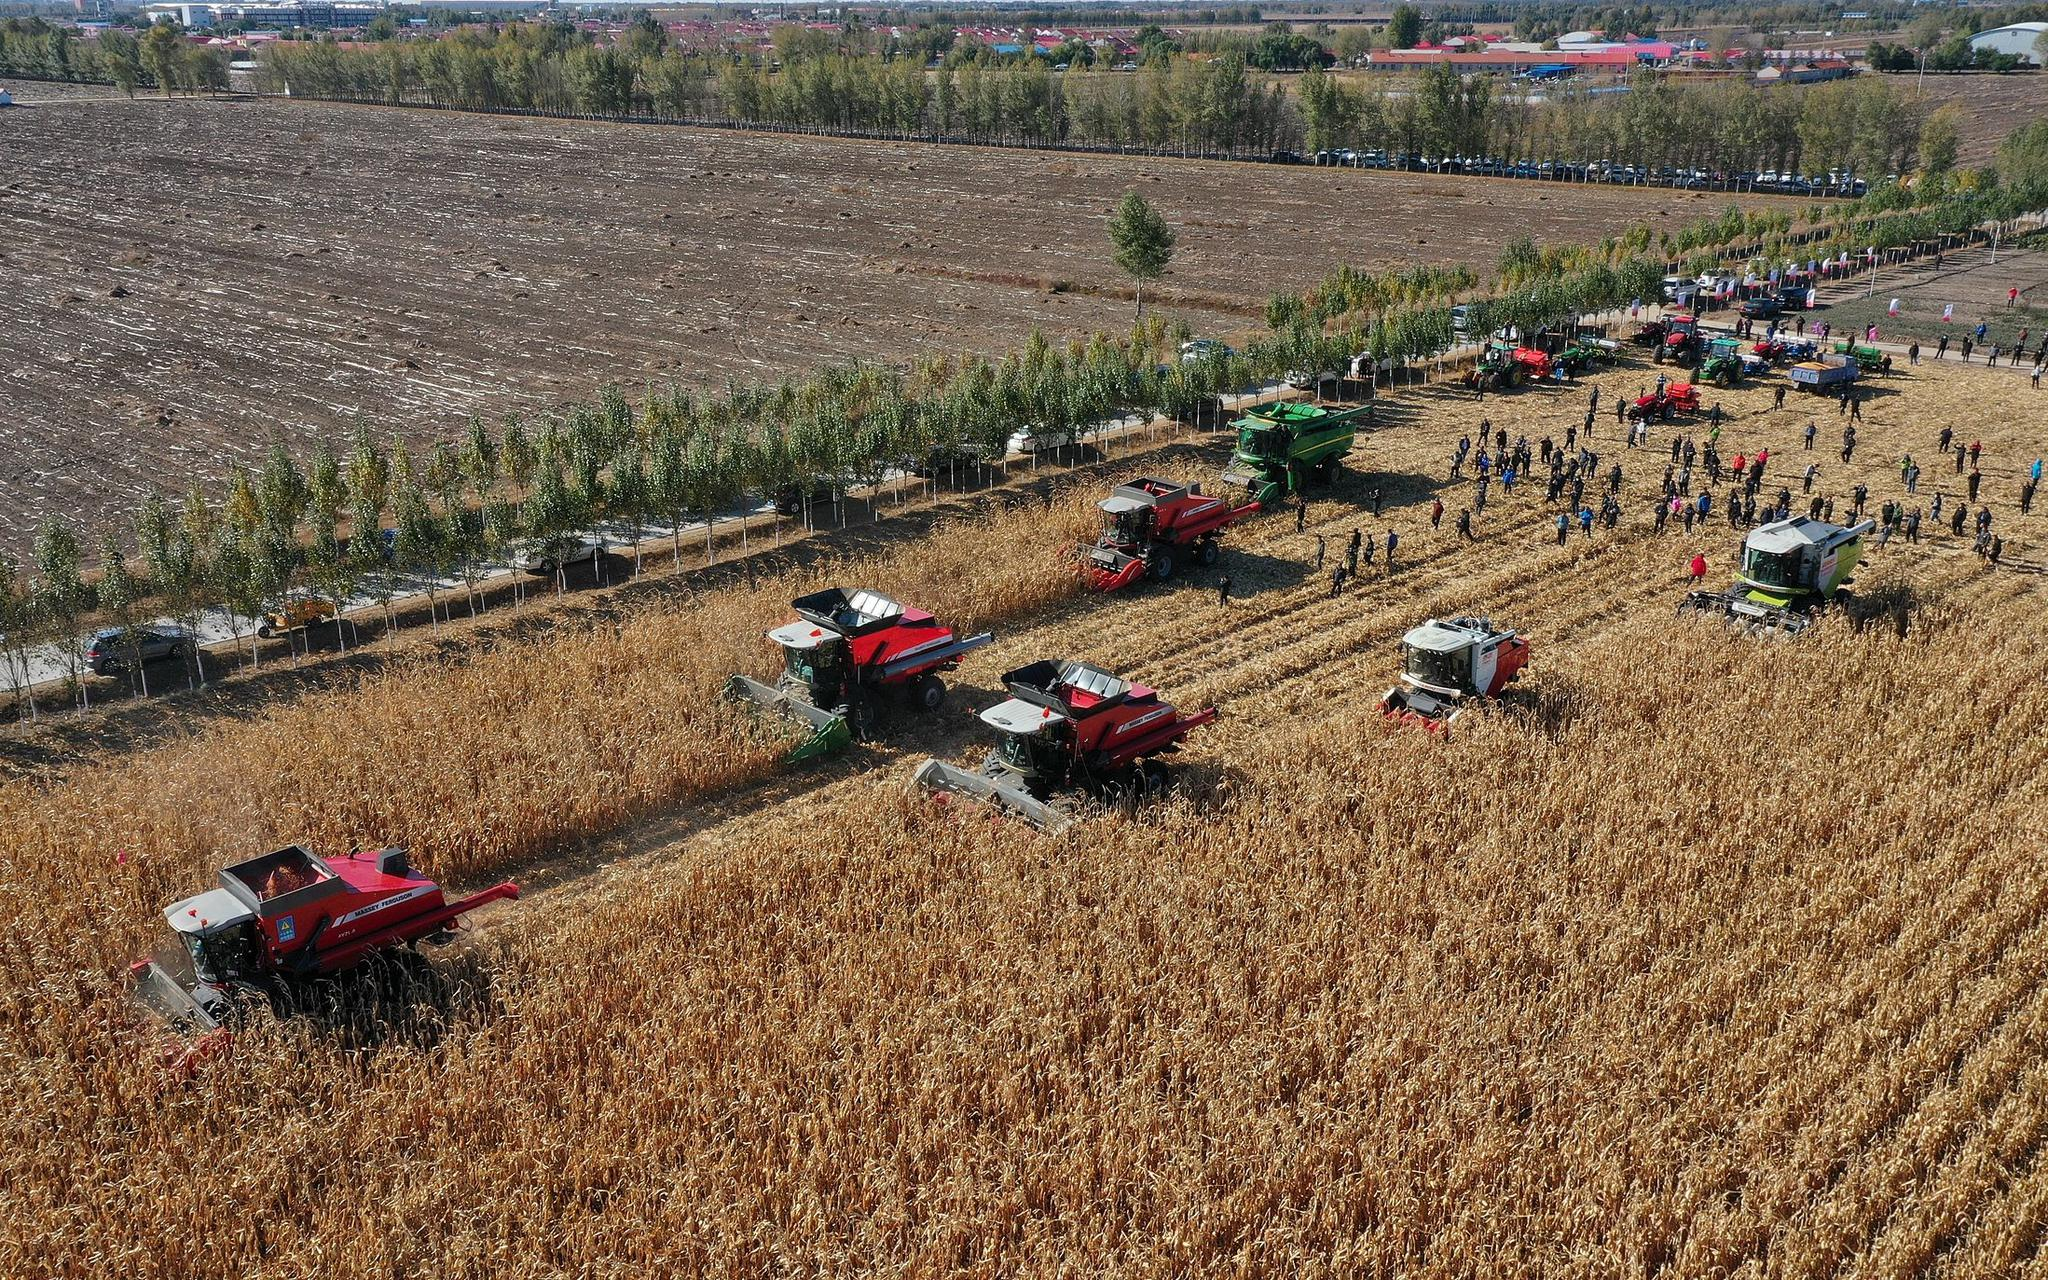 亩产1234.88公斤 东北玉米机械粒收创新纪录